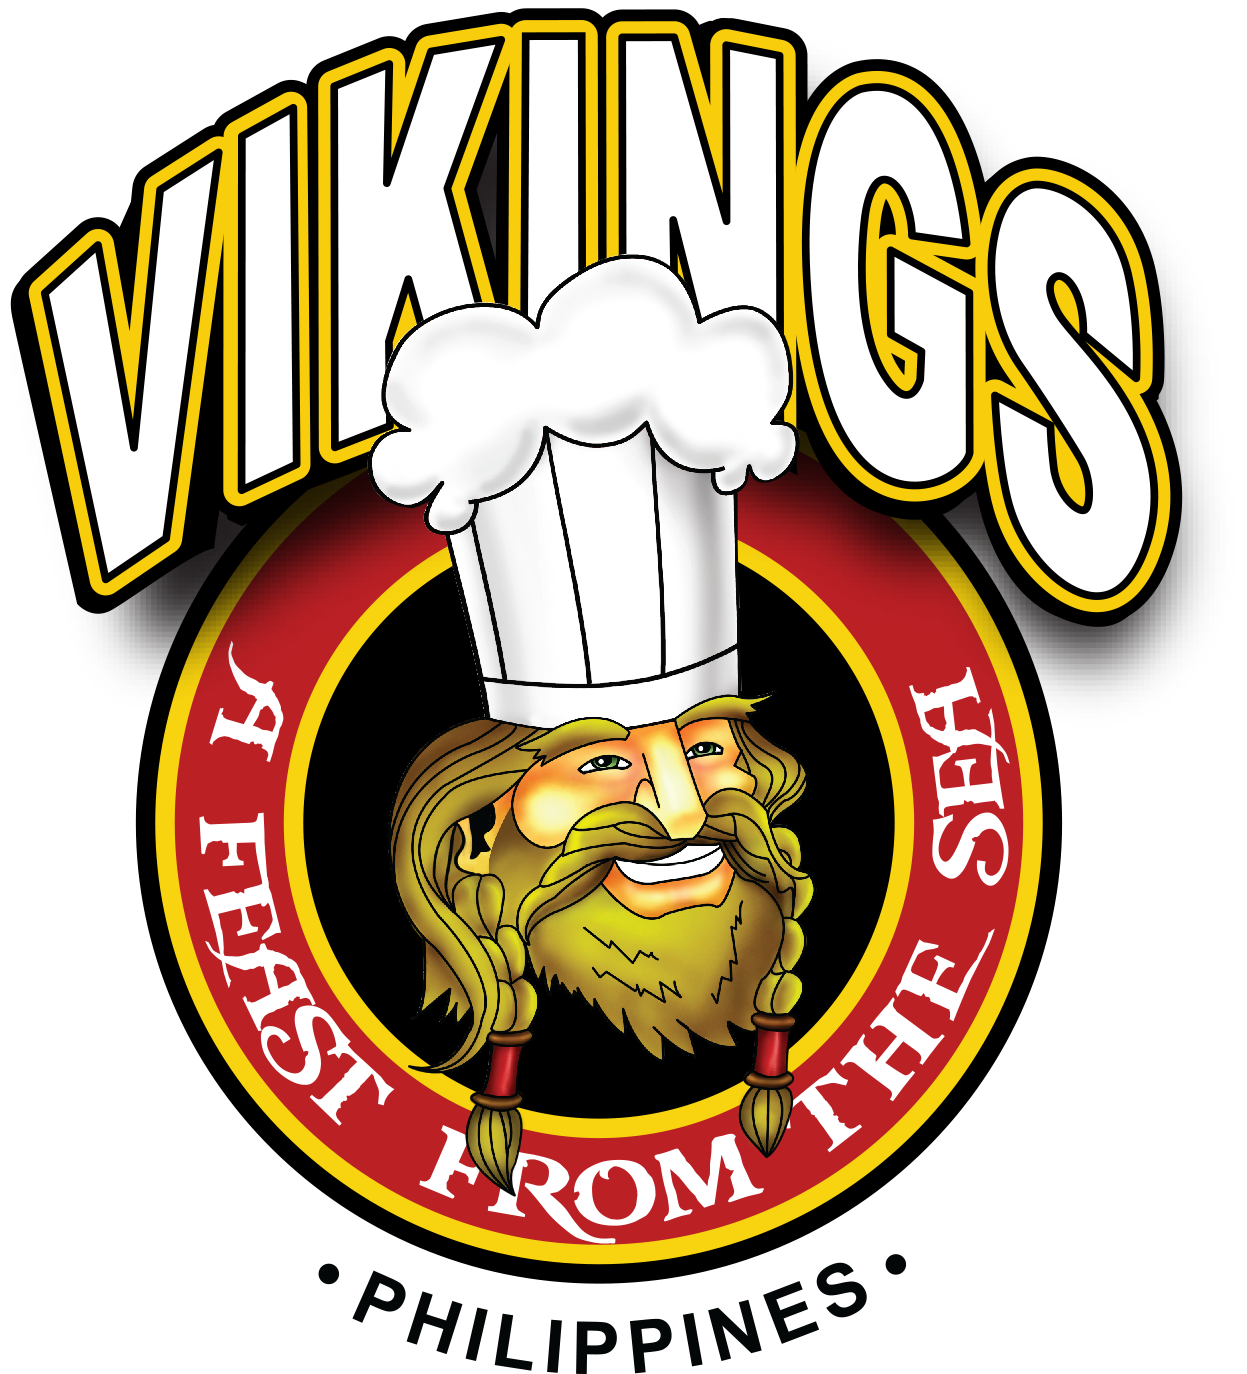 Vikings Philippines